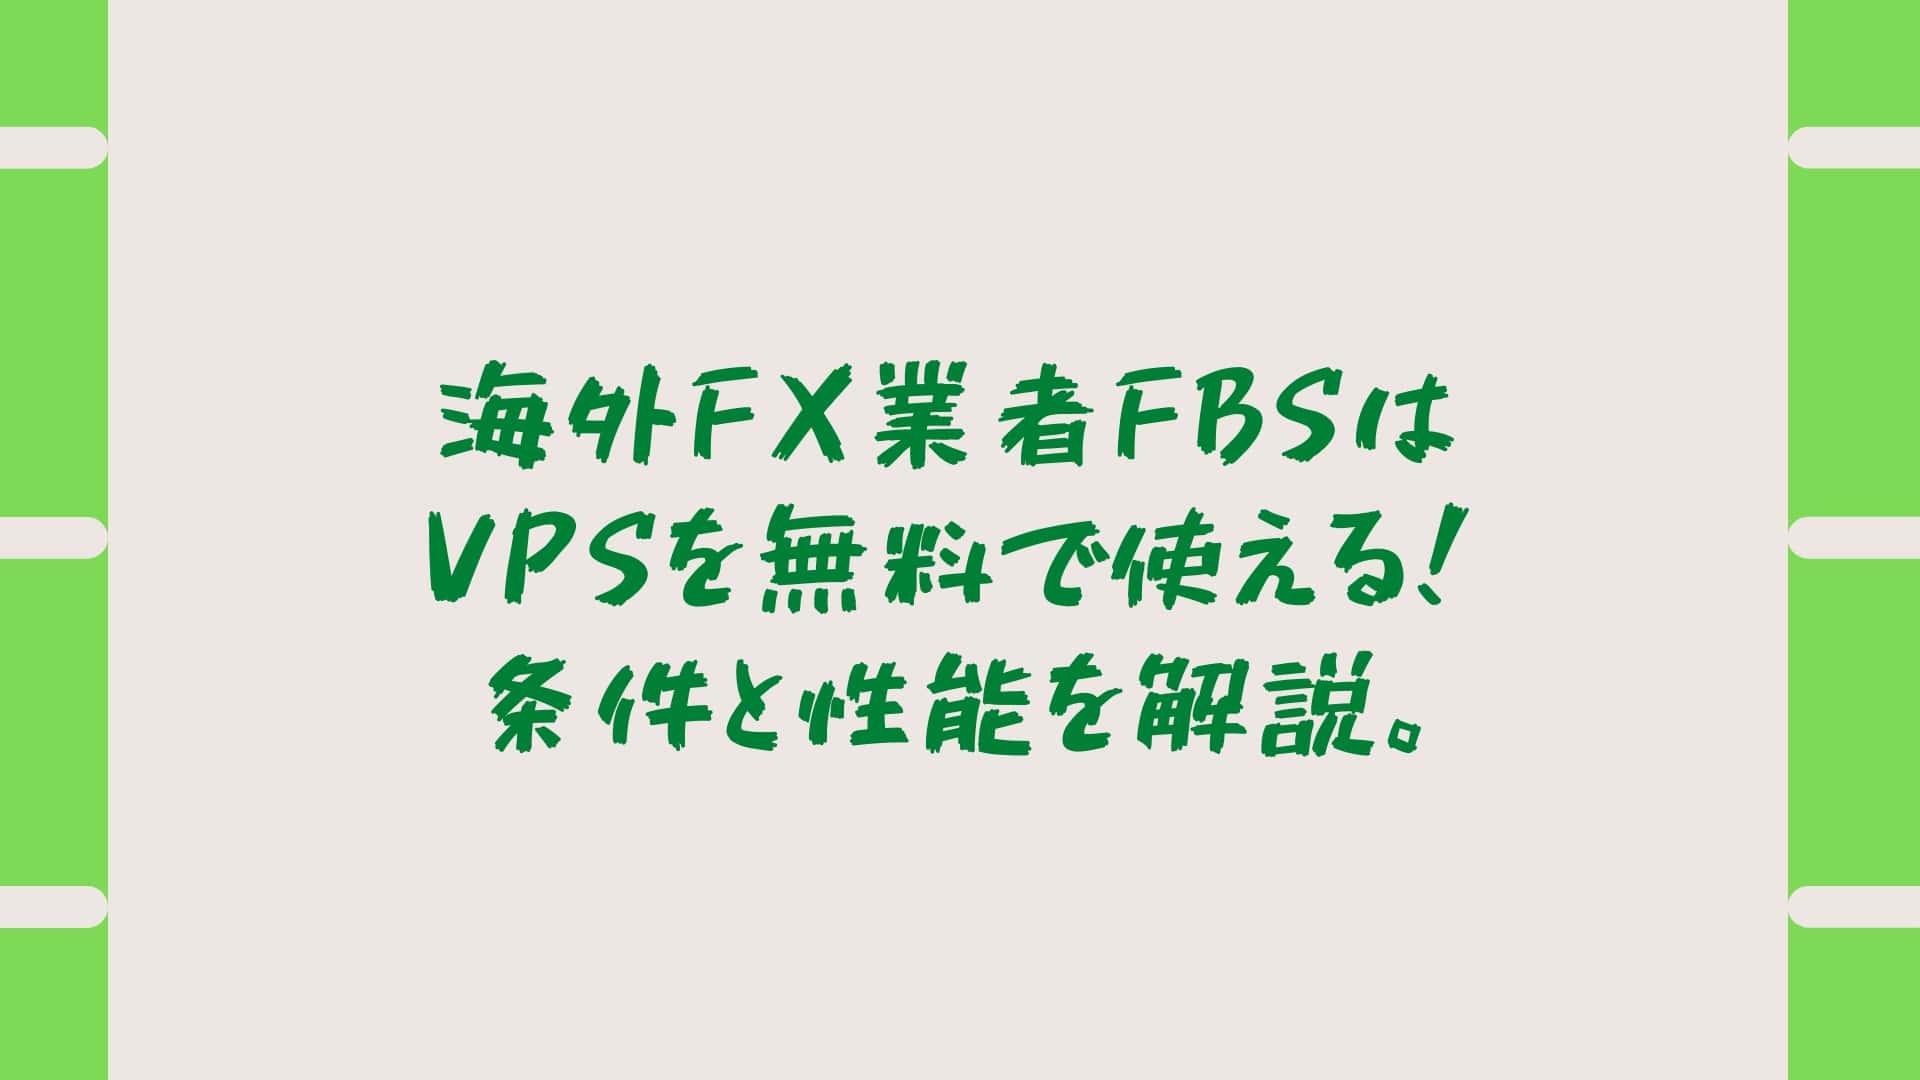 海外FX業者FBSはVPSを無料で使える!条件と性能を解説。